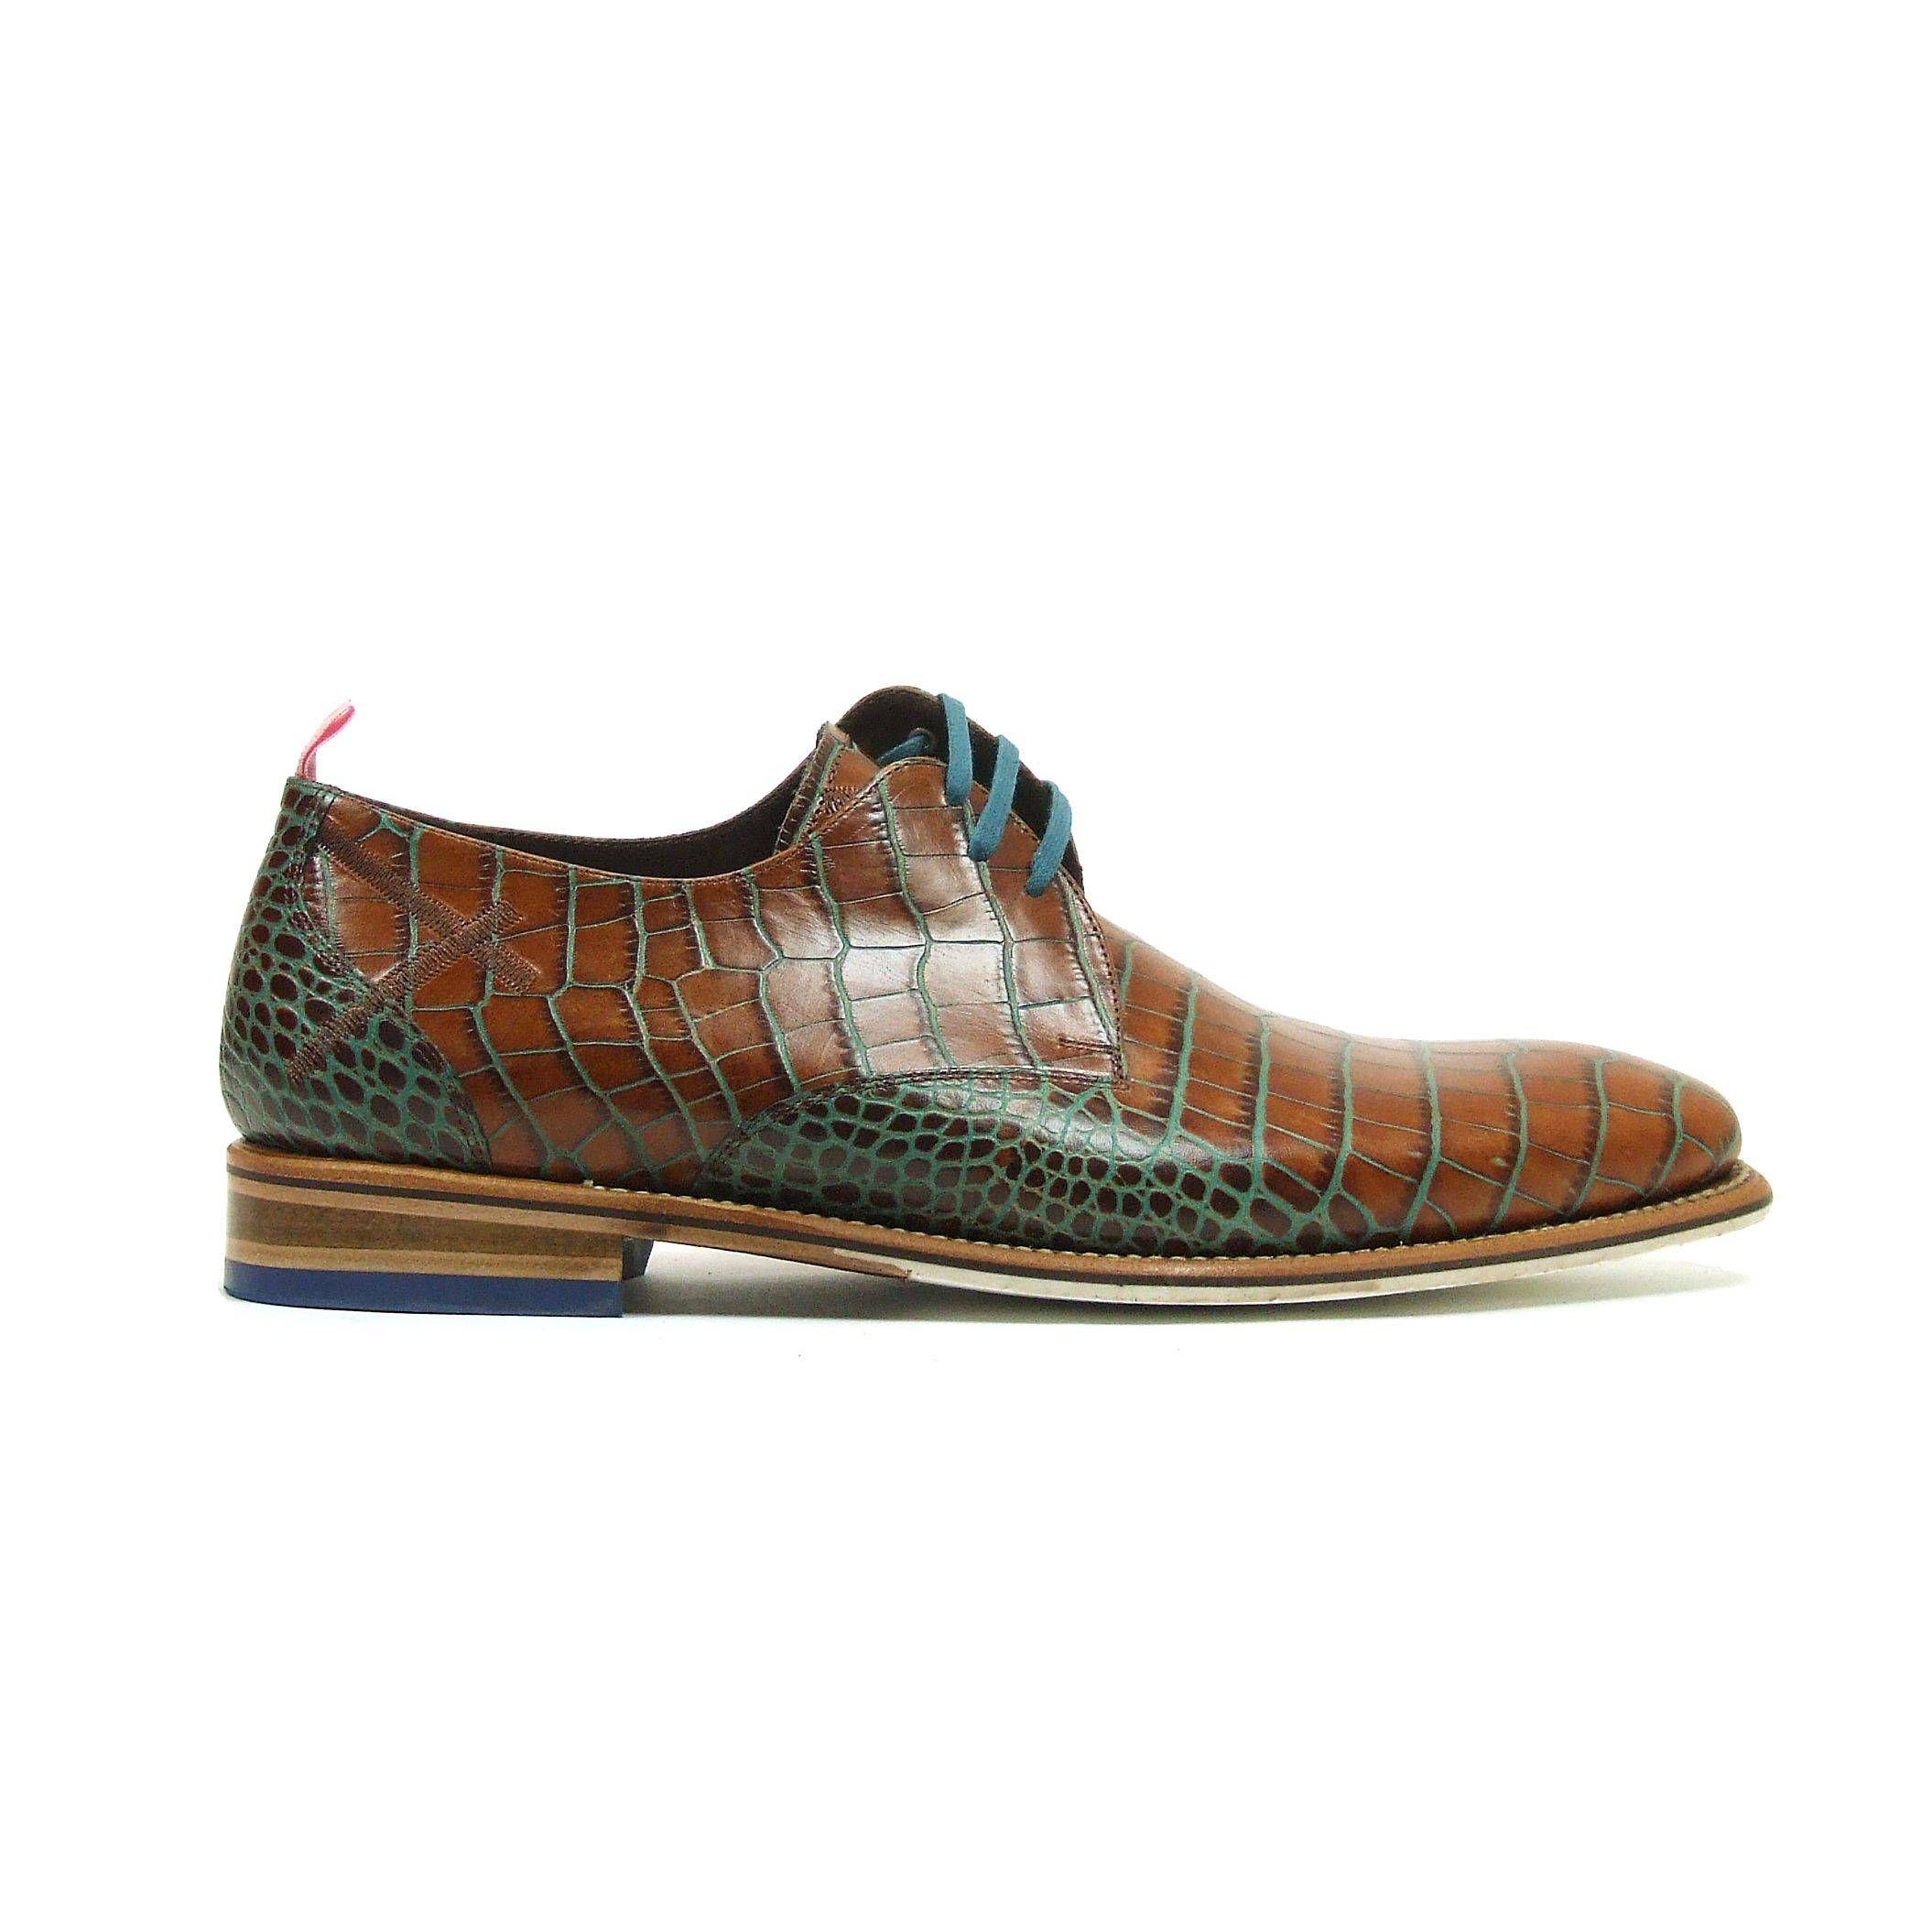 Lage nette heren schoenen van Floris Van Bommel, model 14285. Deze  veterschoenen zijn helemaal